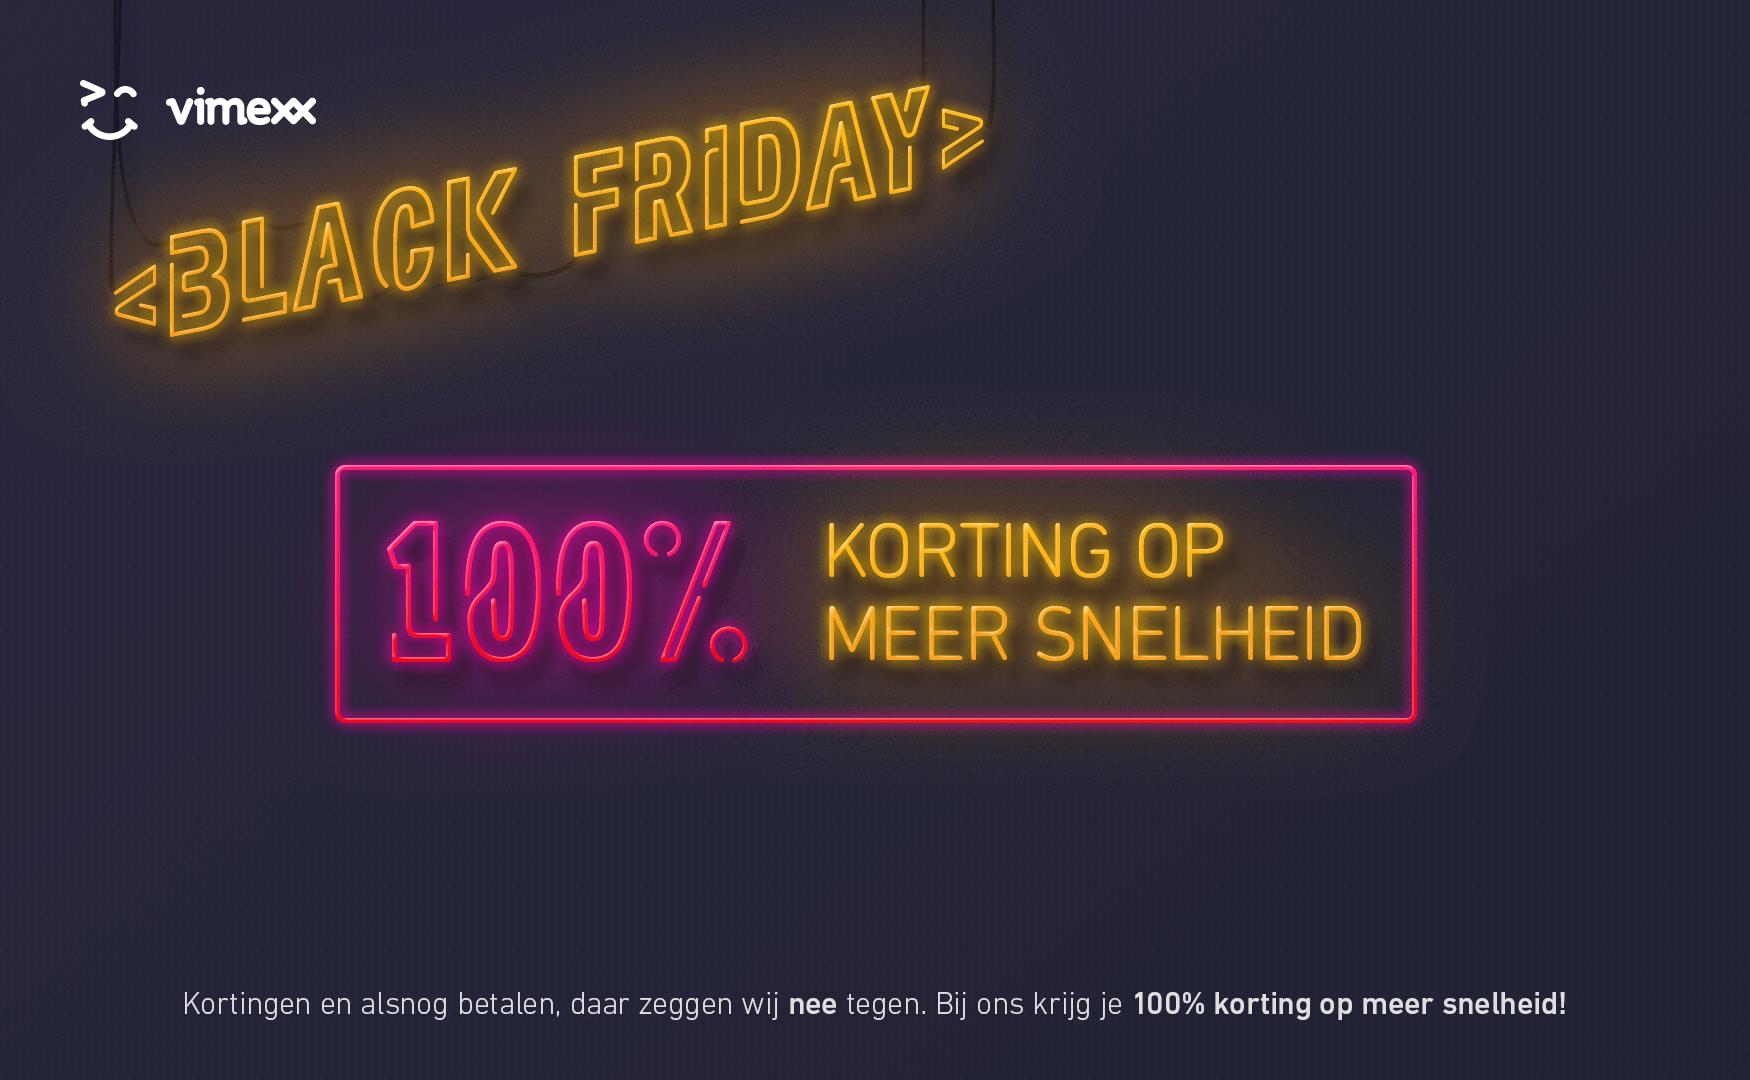 Black Friday: 100% korting op meer snelheid!